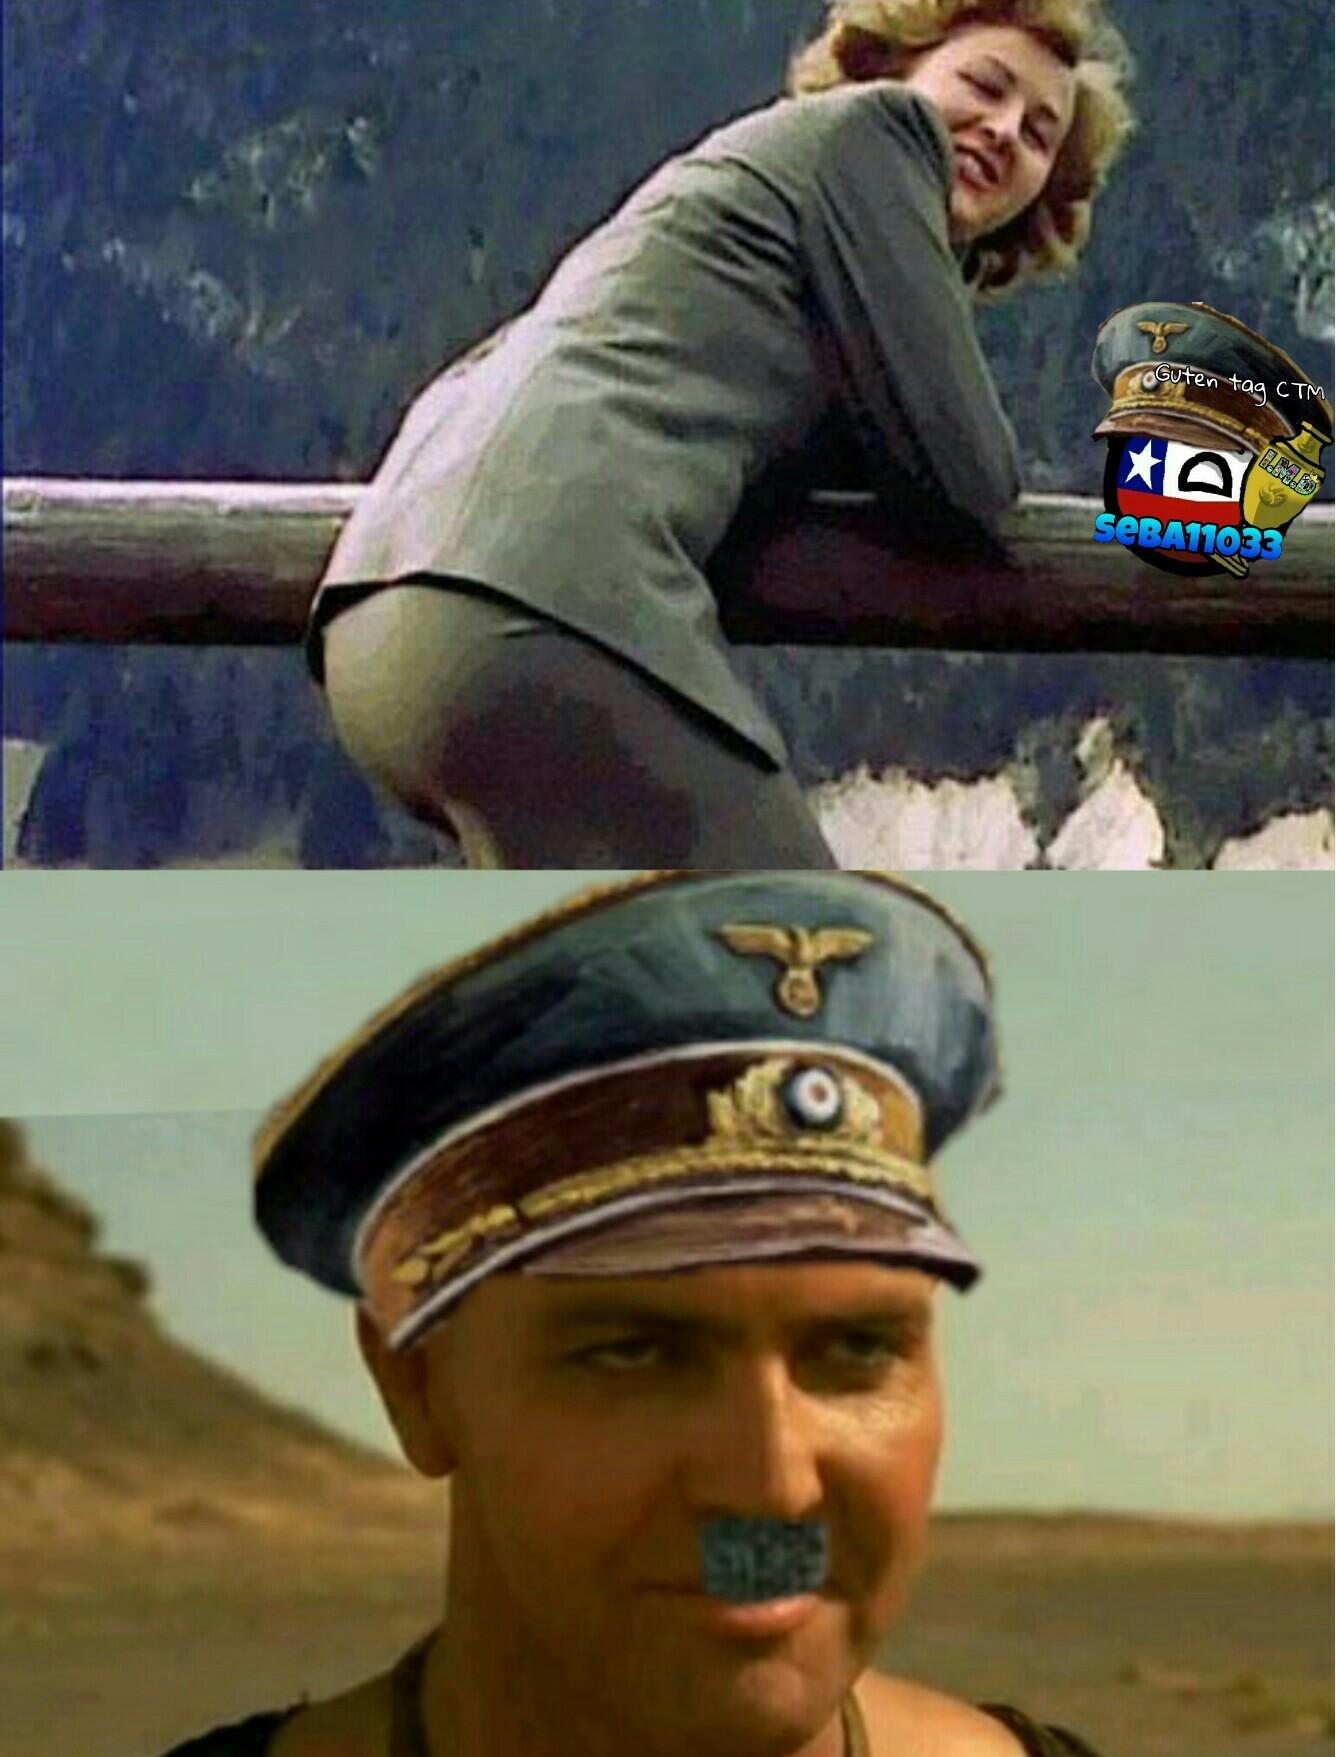 La sexy Eva Braun - meme